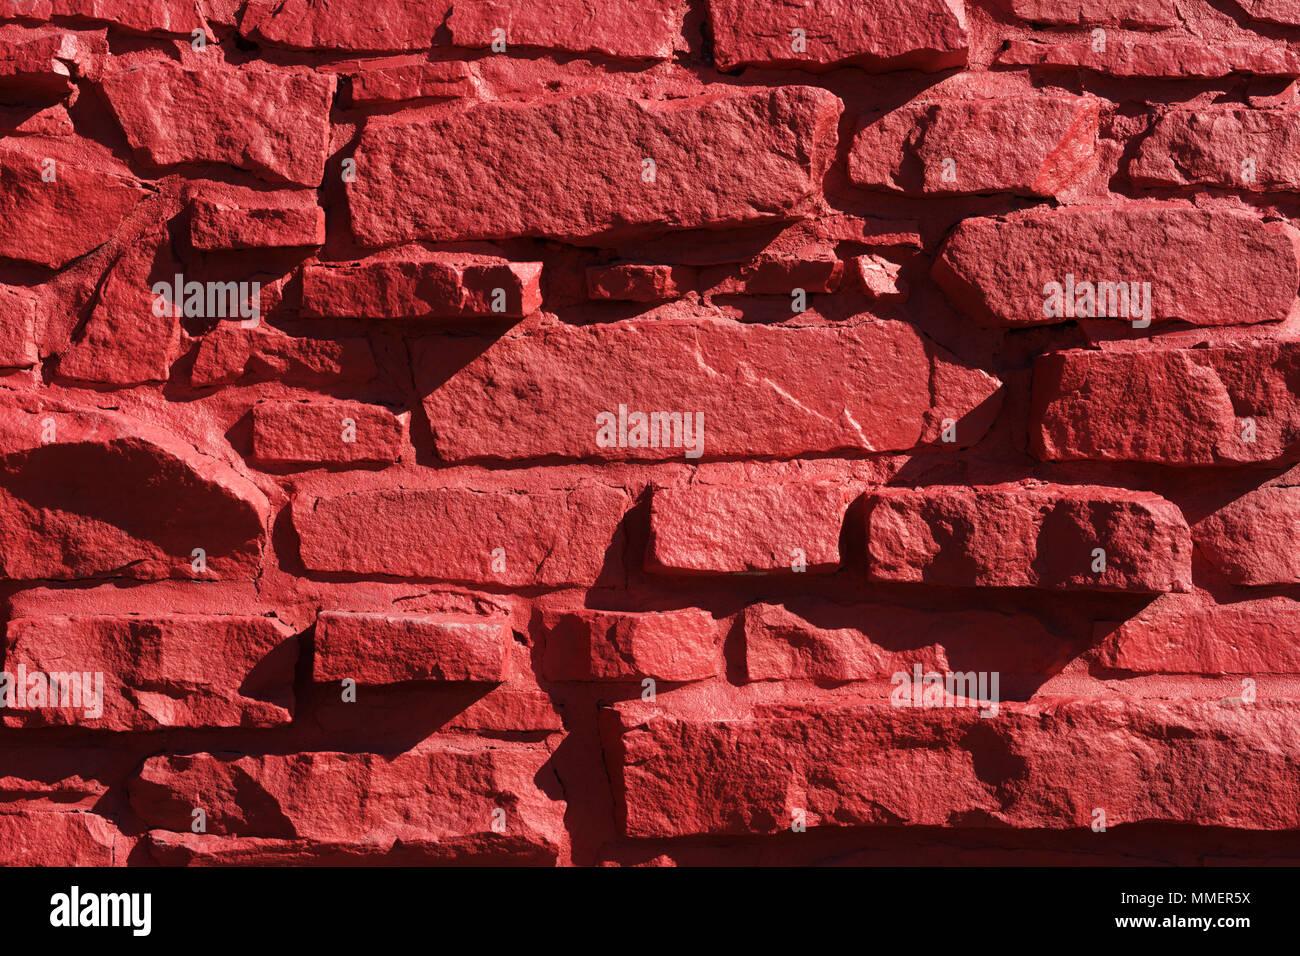 Gros plan de l'extérieur mur de pierre d'un bâtiment peint en rouge. Photo Stock